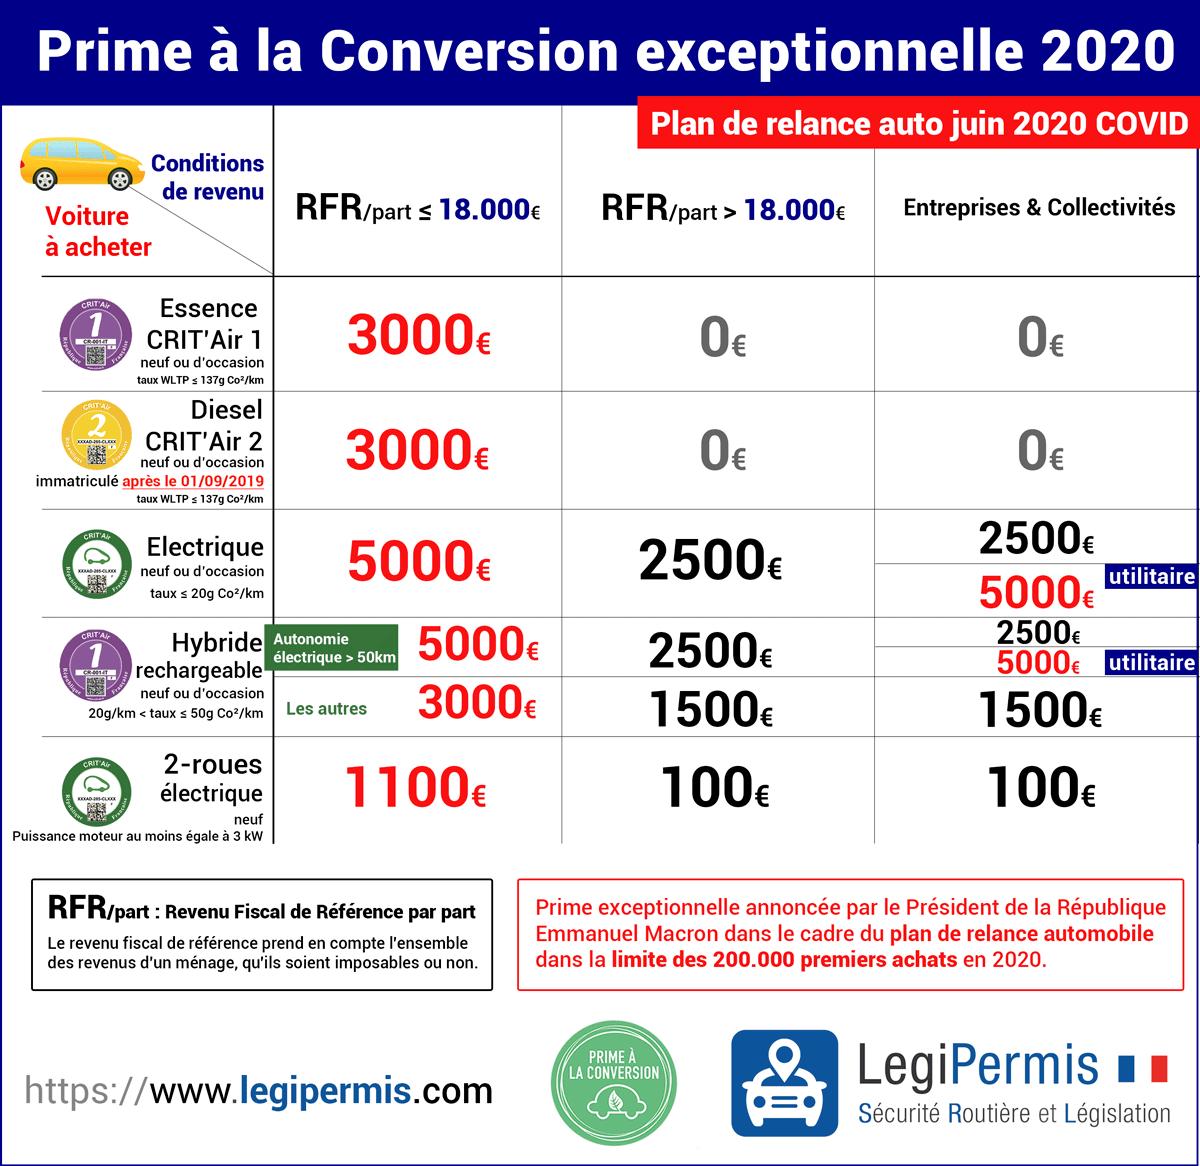 Conditions de la nouvelle prime à la conversion 2020 spéciale COVID annoncée par Emmanuel Macron dans le cadre du Plan de relance automobile